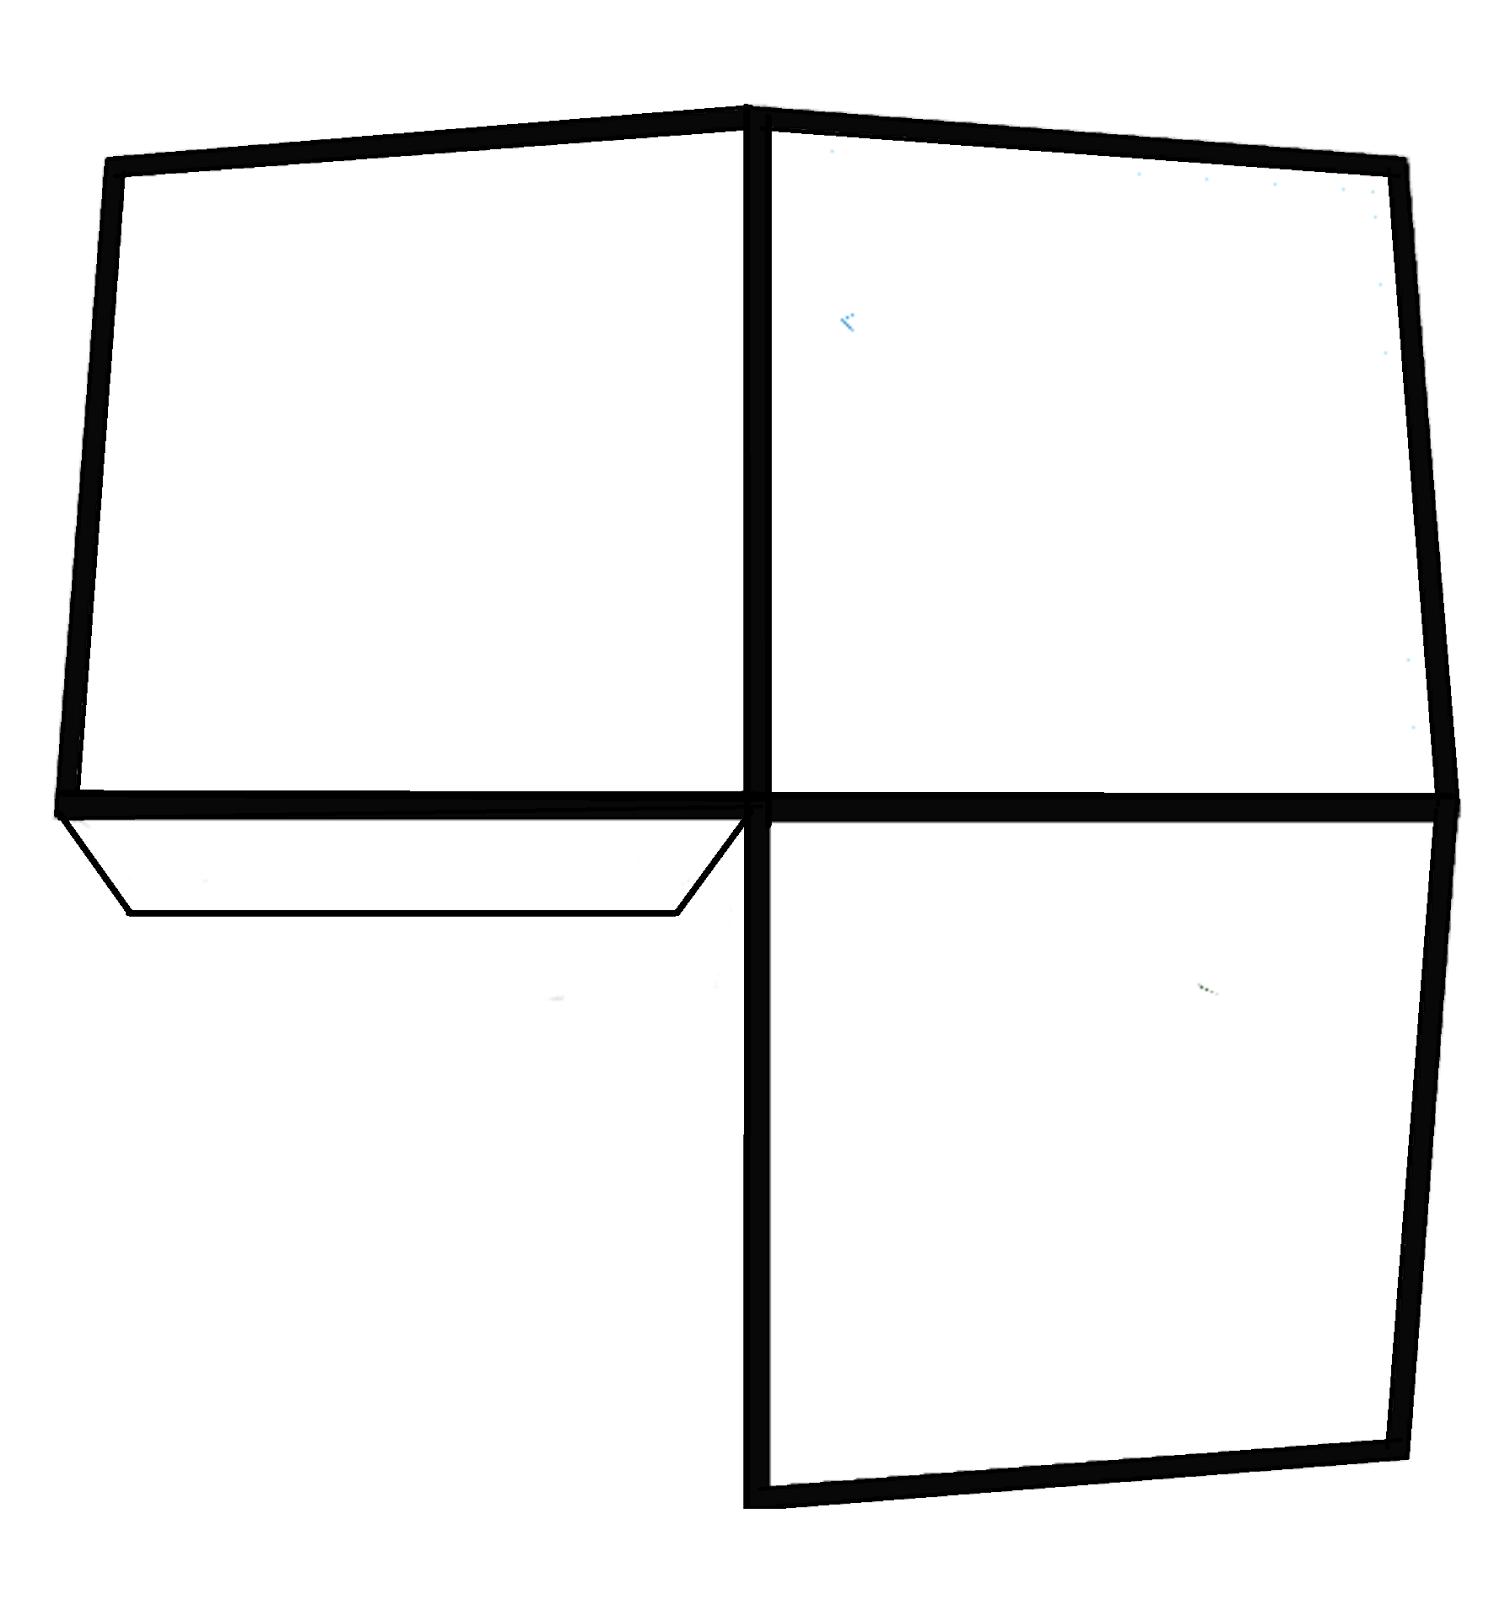 le cube magique et le t. rex qui vous suit du regard - une illusion